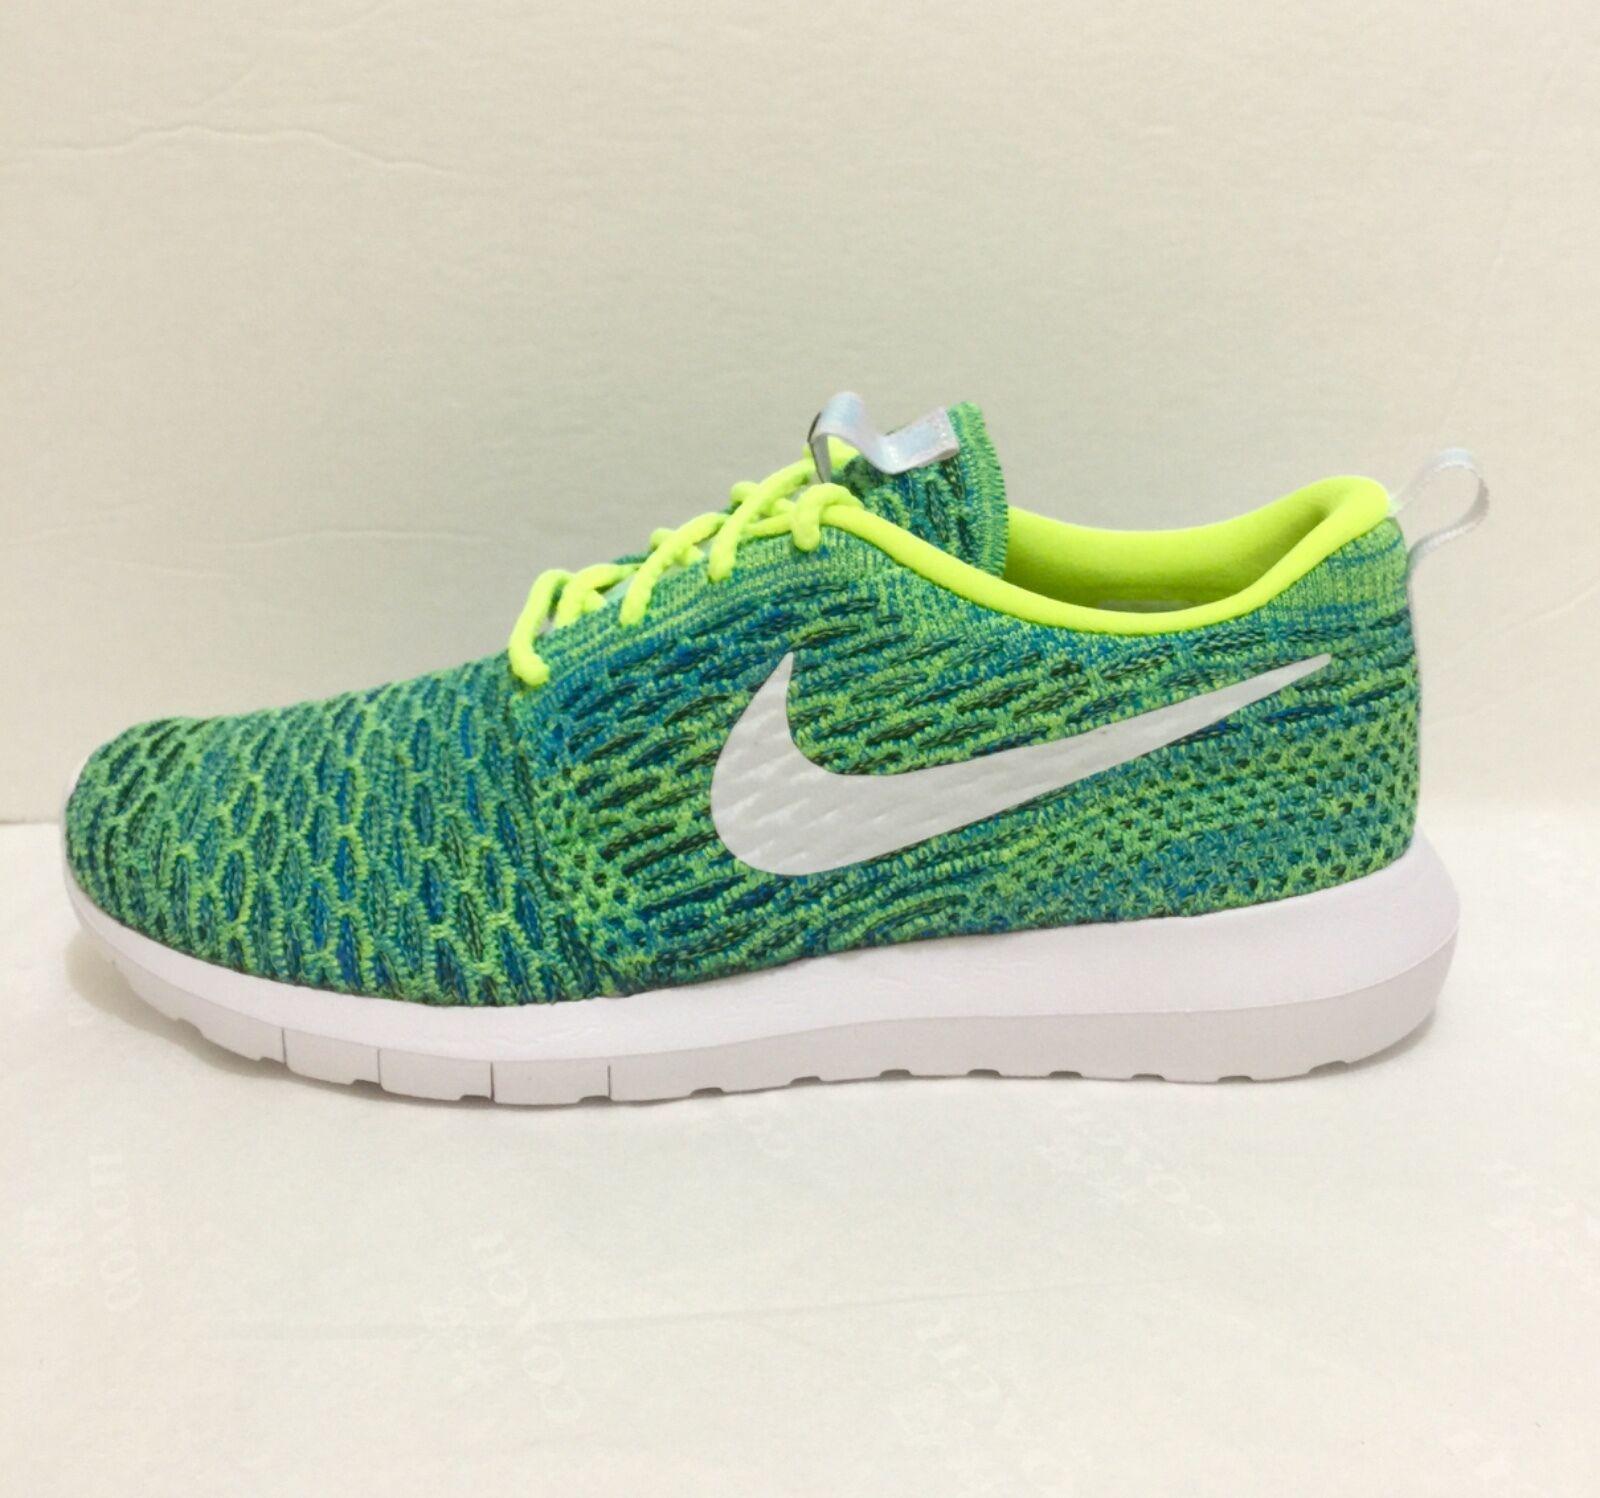 New Women's Nike Roshe NM Flyknit QS Running Shoes Multi-Size SKU 846200 700